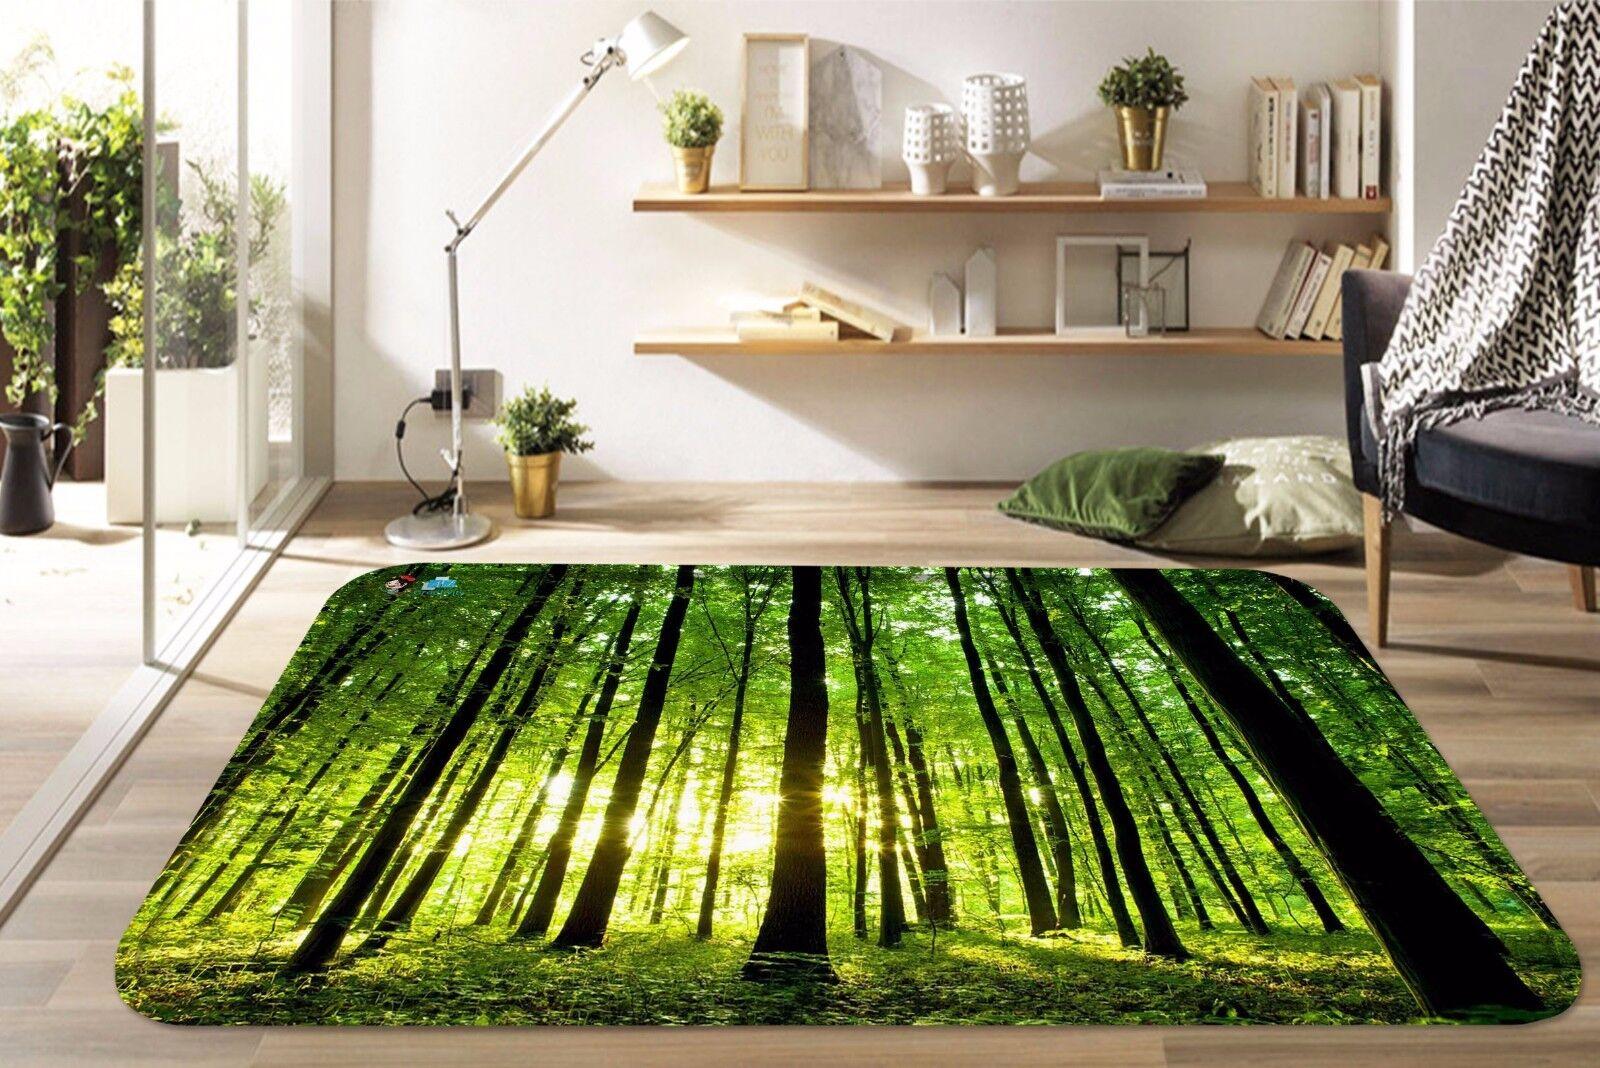 3D 3D 3D Wiese 42 Rutschfest Teppich Matte Raum Matte Qualität Elegant Teppich DE 596ee9